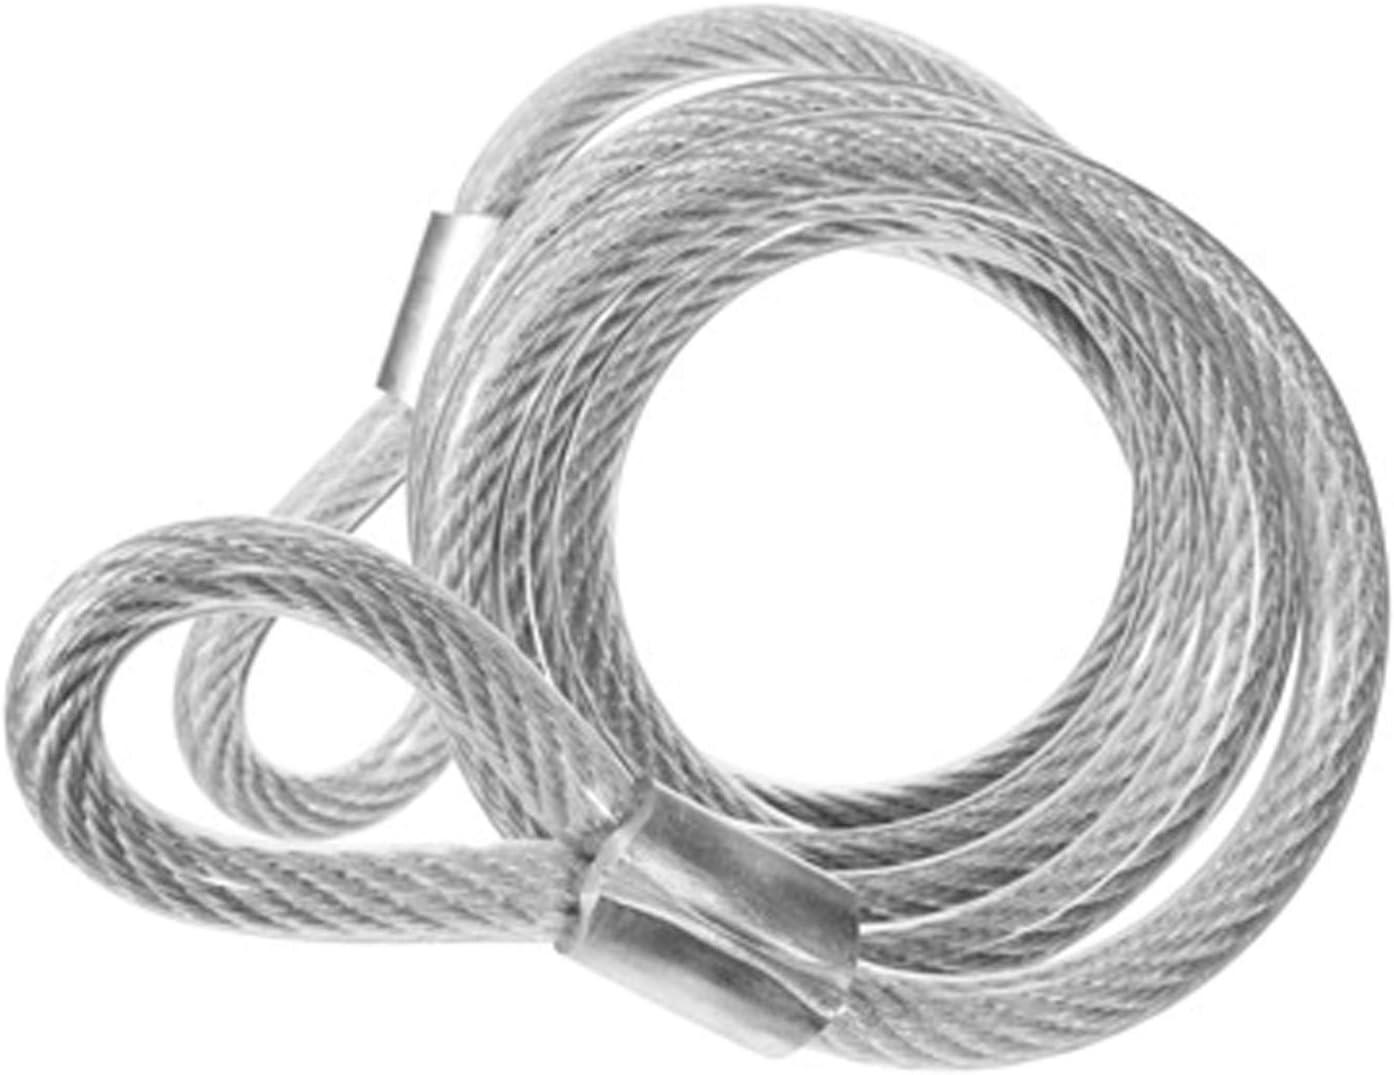 Diebstahlsicherung Festmacher Seilsicherung 5m 6m 9m Ösen Stahlseil Drahtseil M6